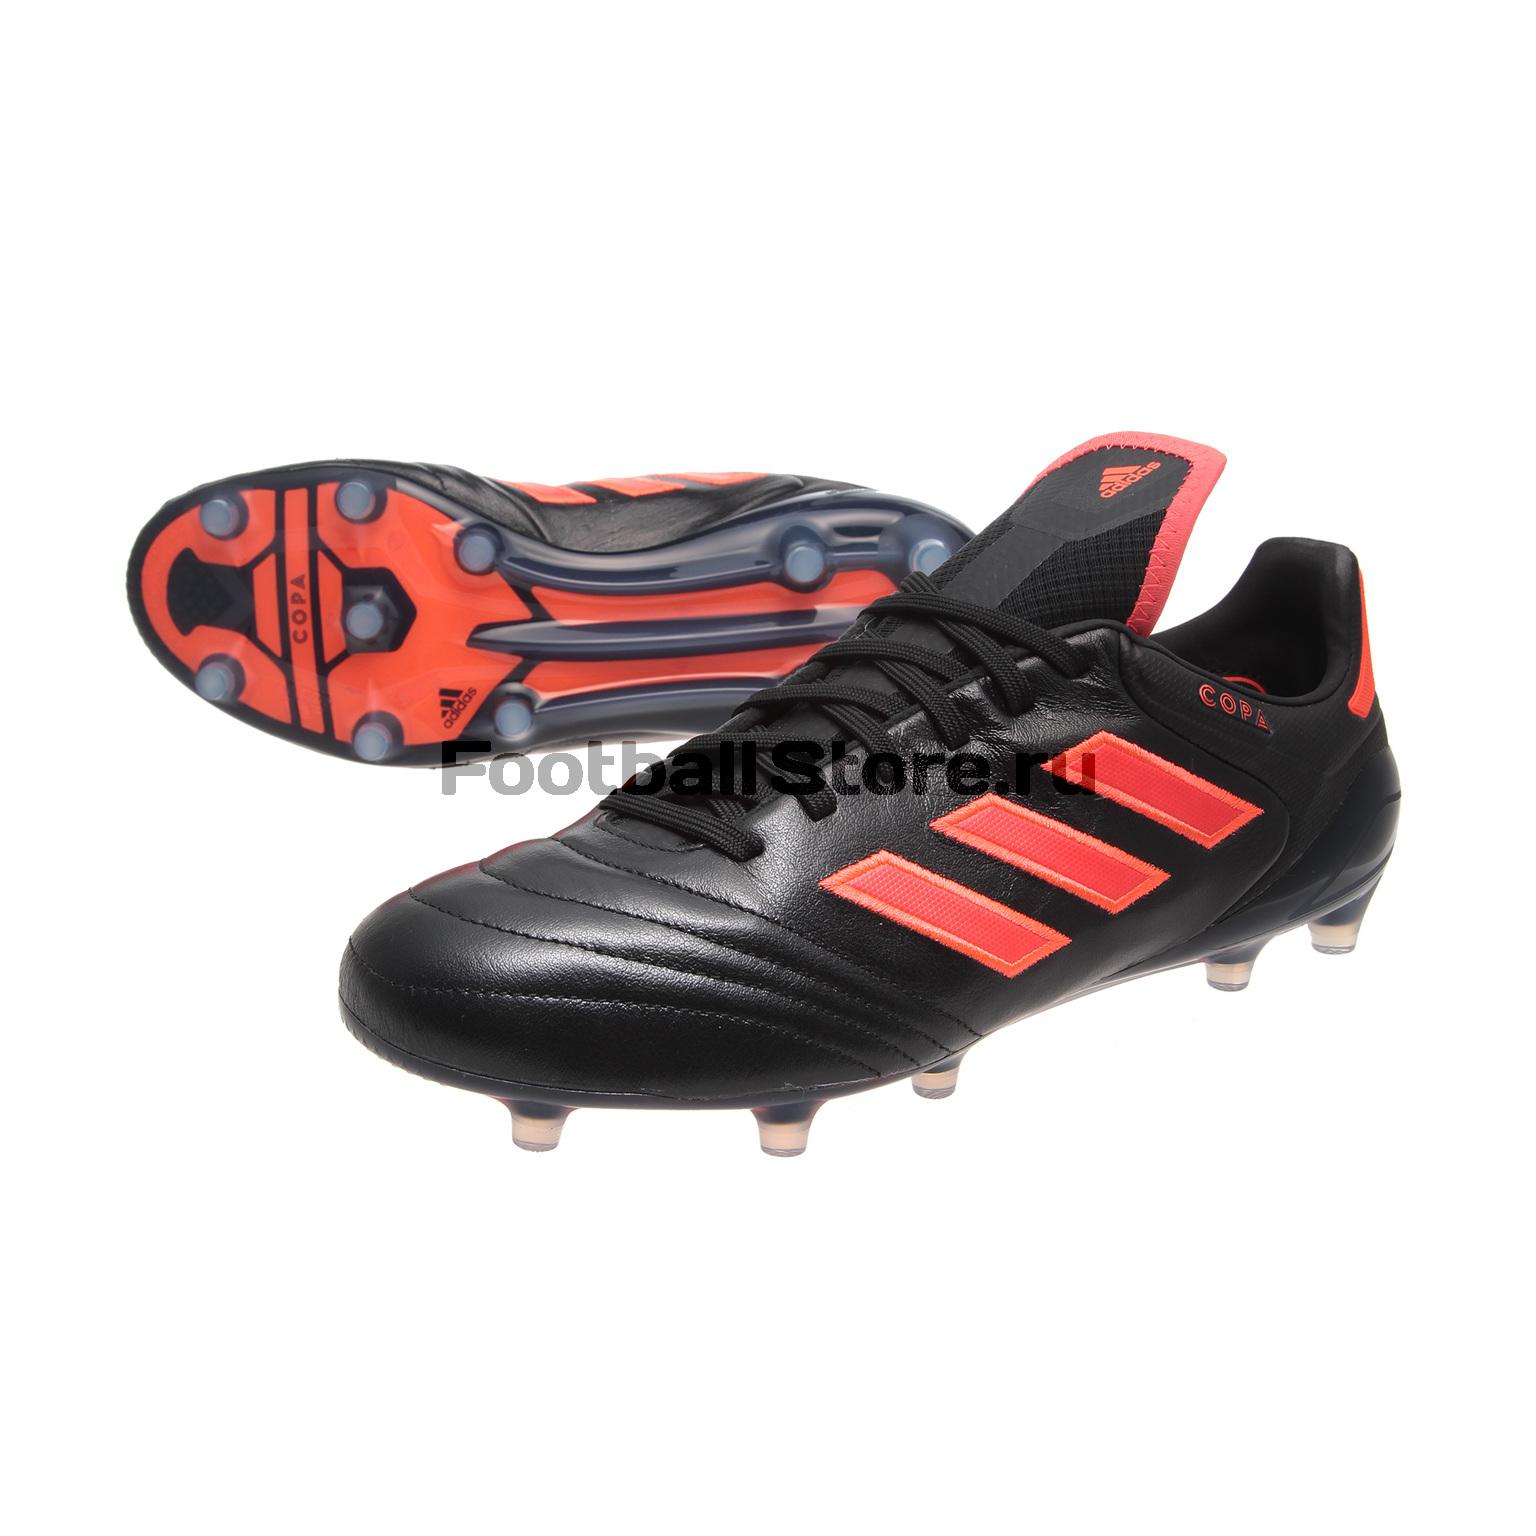 Бутсы Adidas Copa 17.1 FG S77128 бутсы adidas бутсы